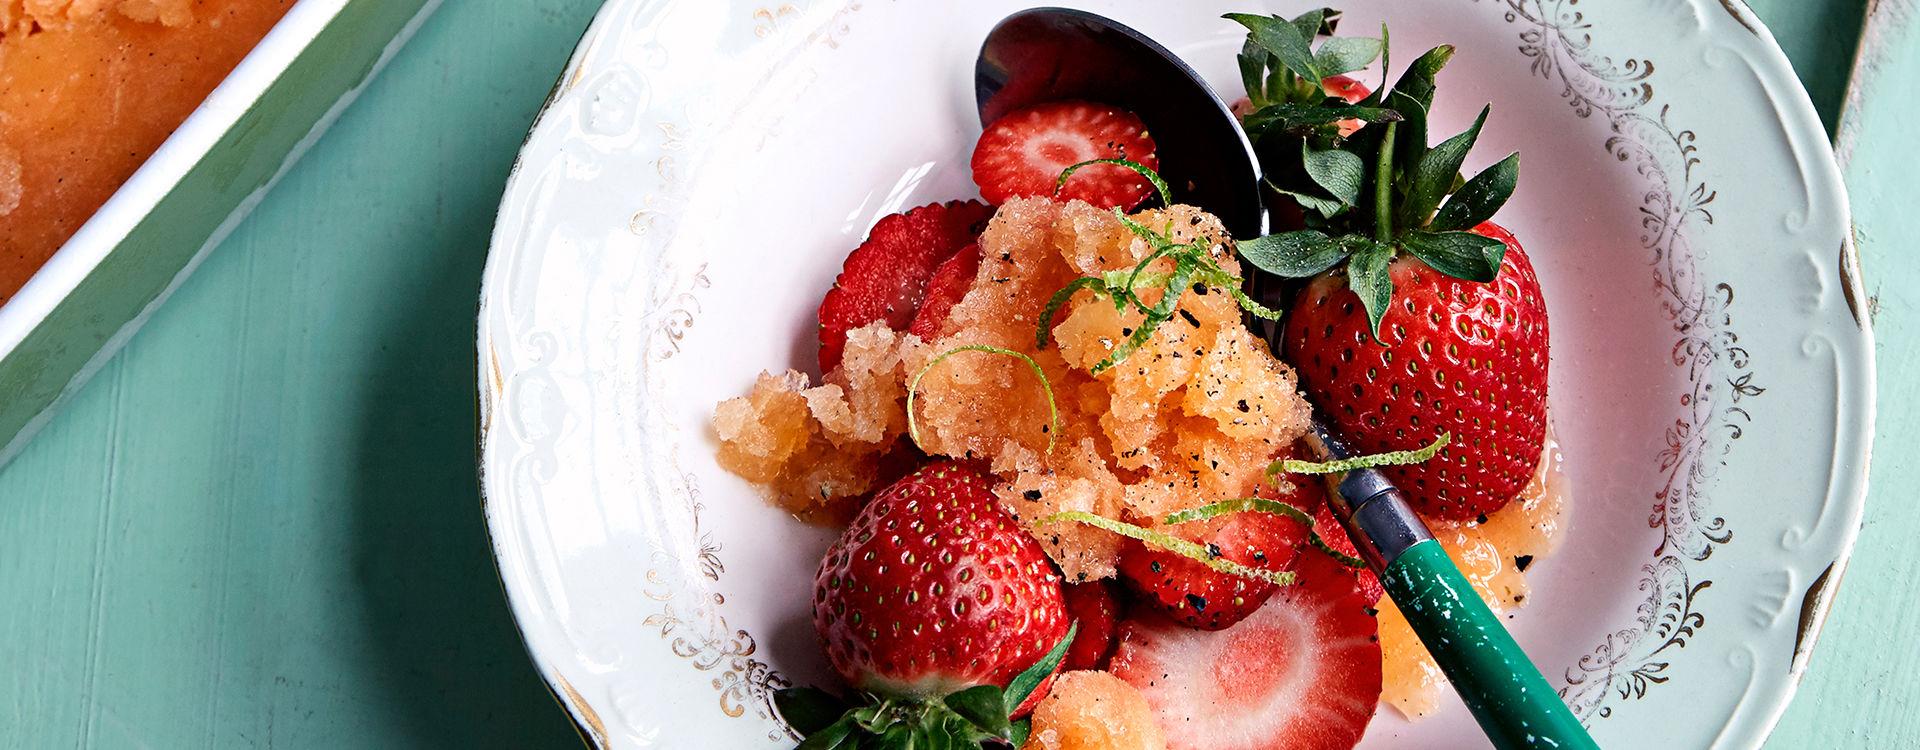 Jordbær med granitè av cantaloupemelon.